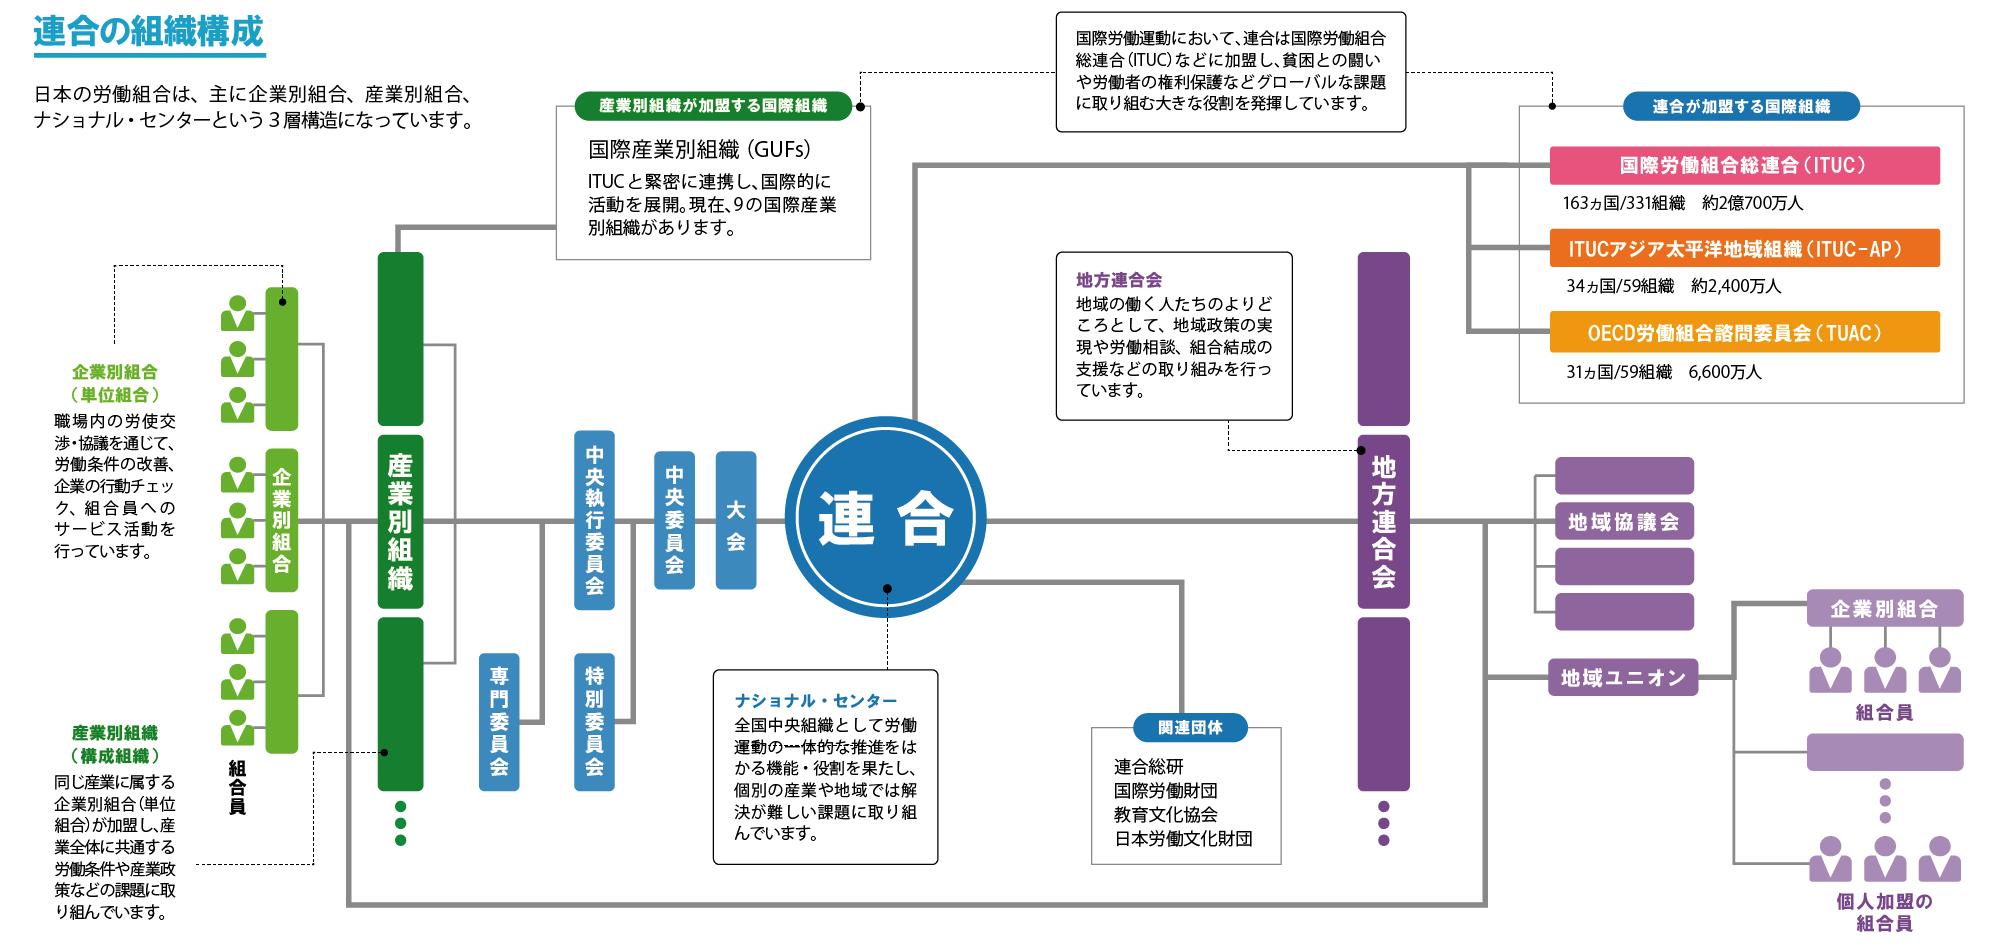 連合組織図